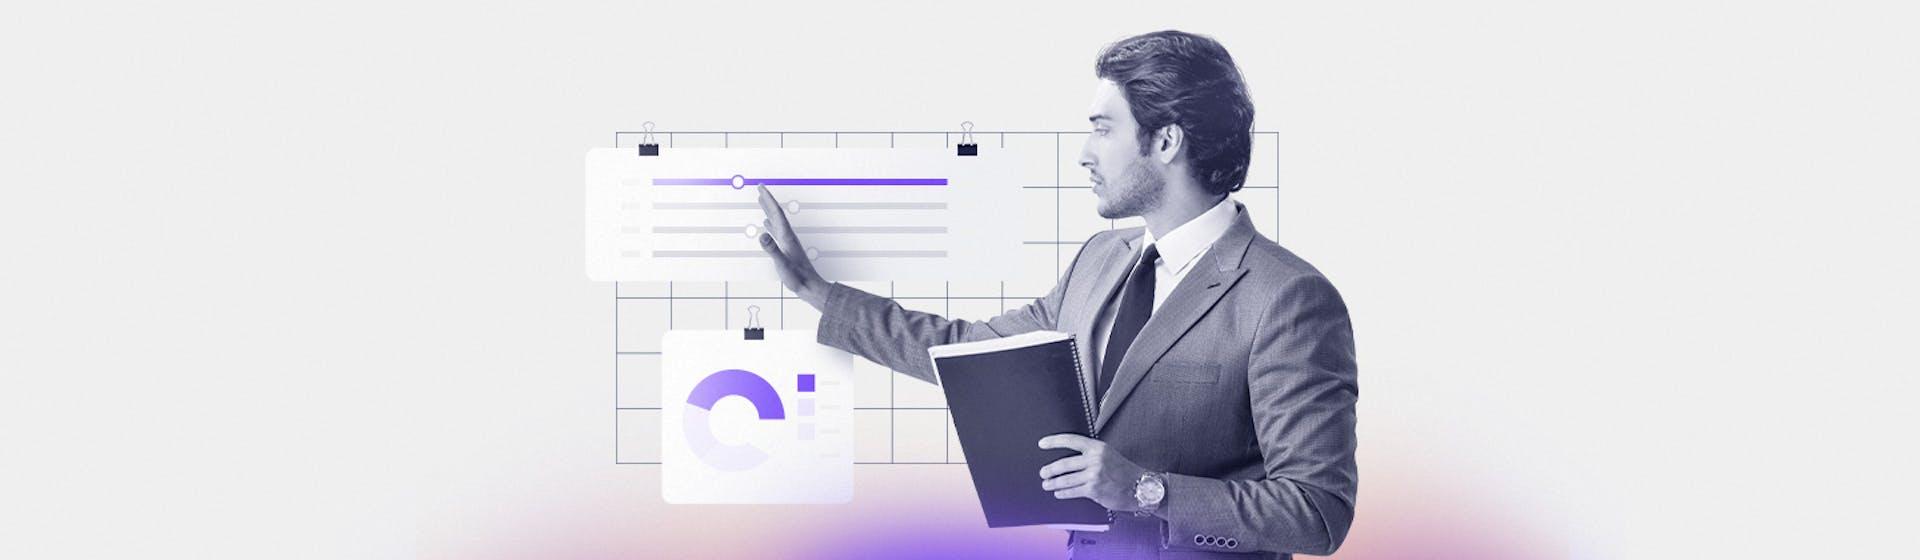 Presentaciones sin diapositivas ¡Hay vida más allá de PowerPoint y Prezi!